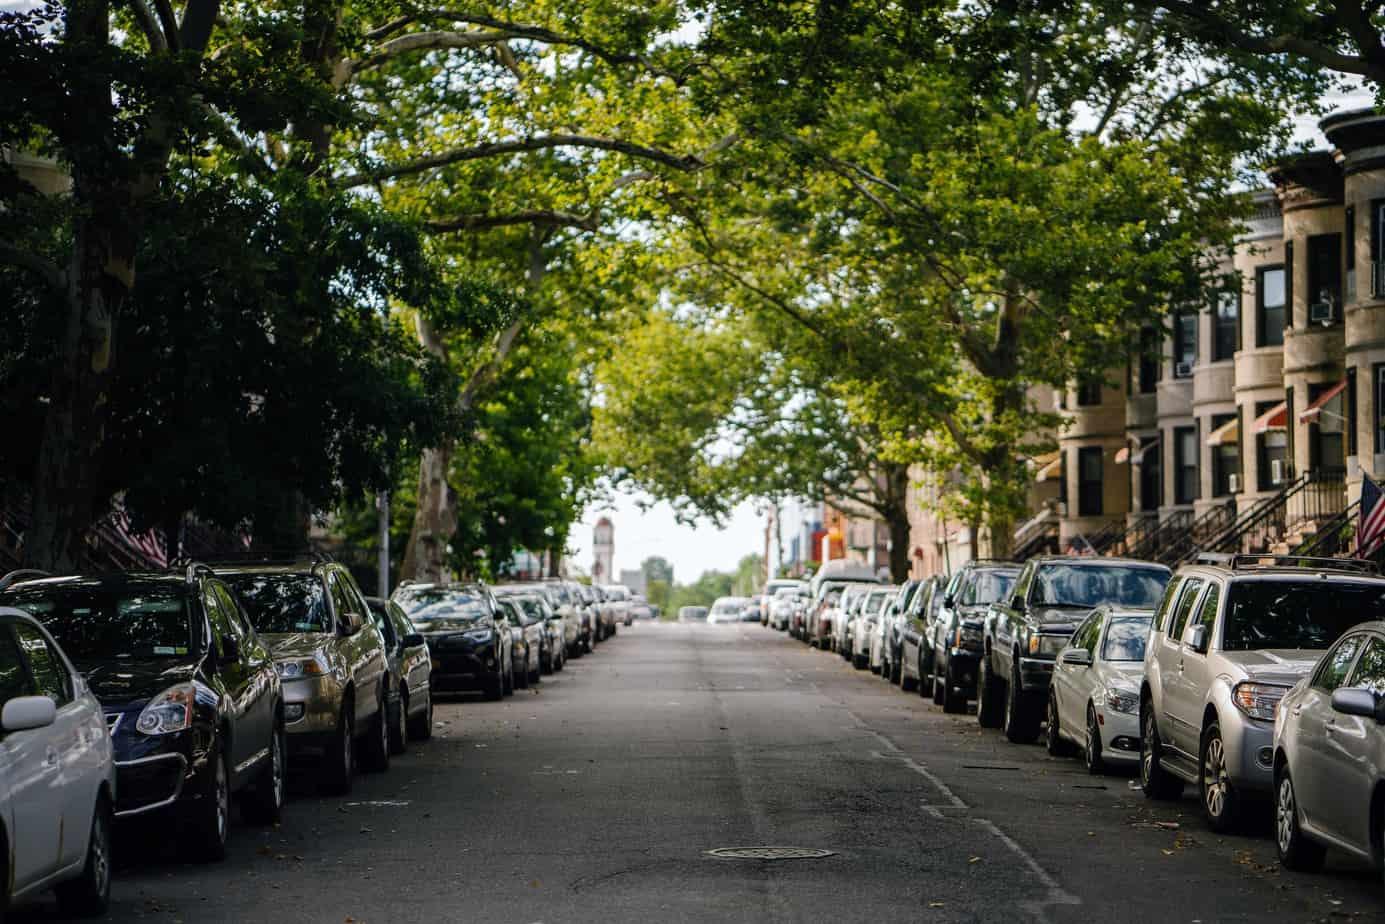 Unter welchen Bäumen sollte man nicht parken?